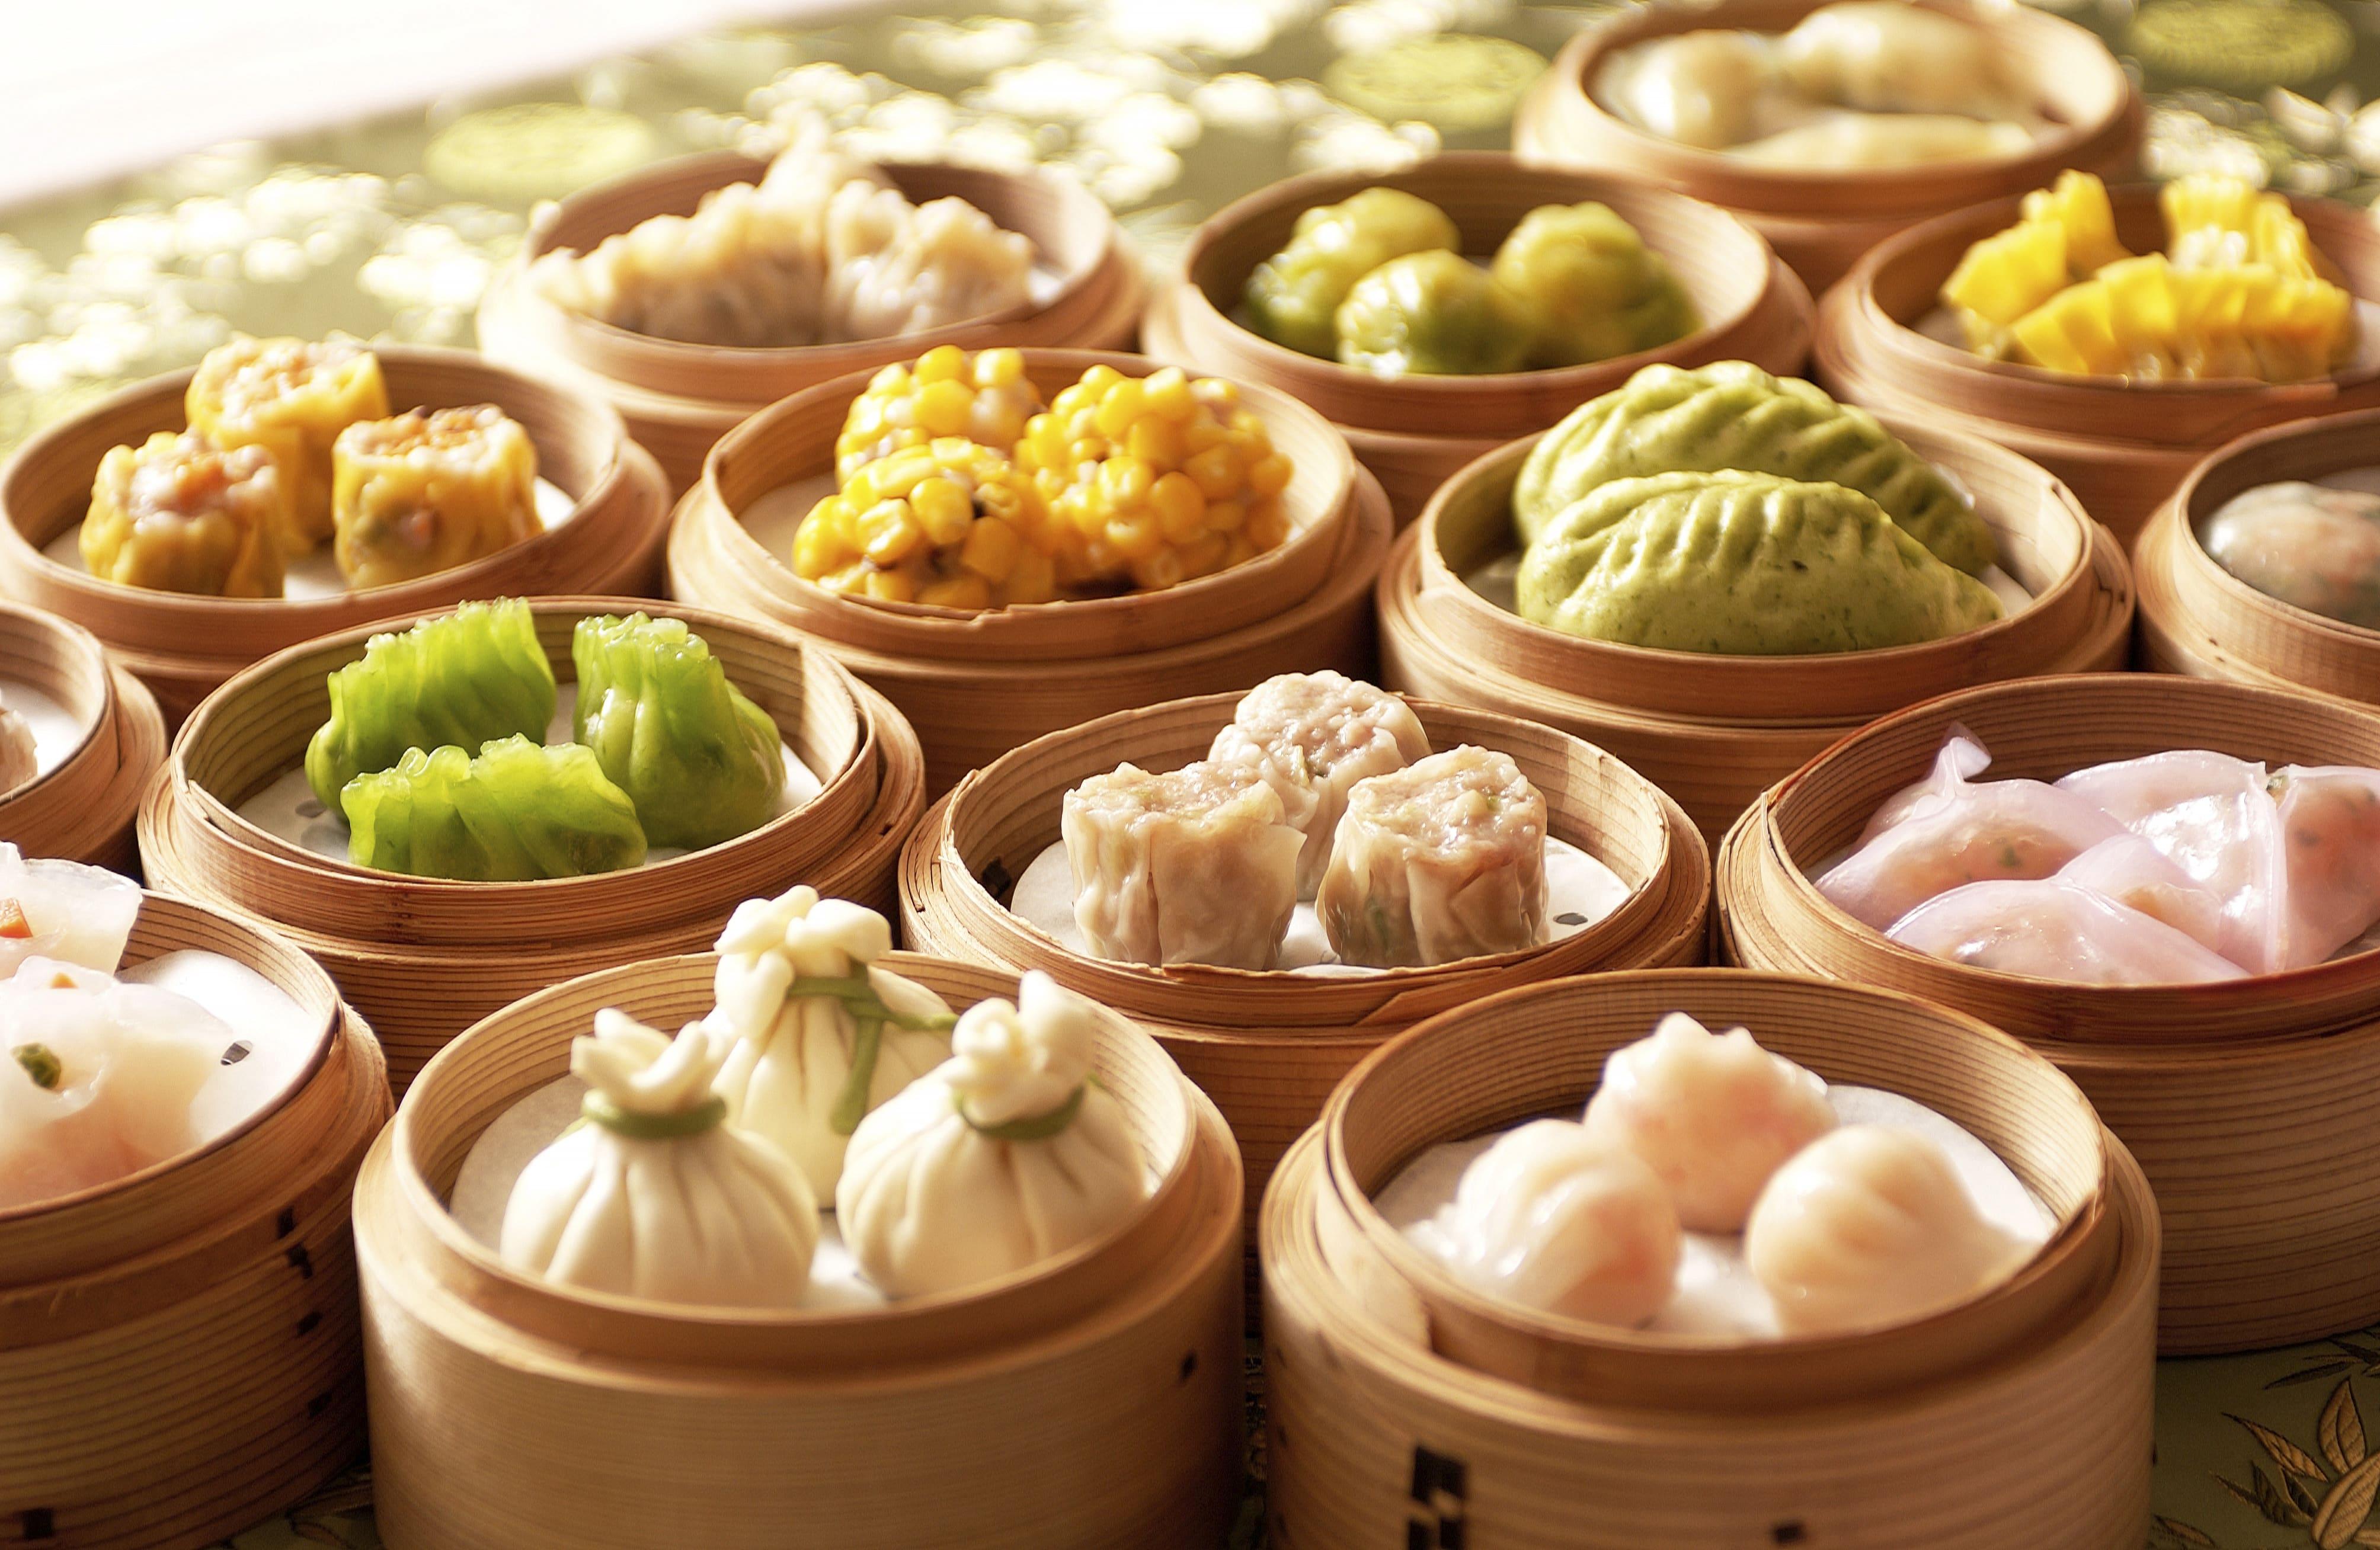 Travel tips le 8 scuole regionali della cucina cinese for Cucina cinese piatti tipici